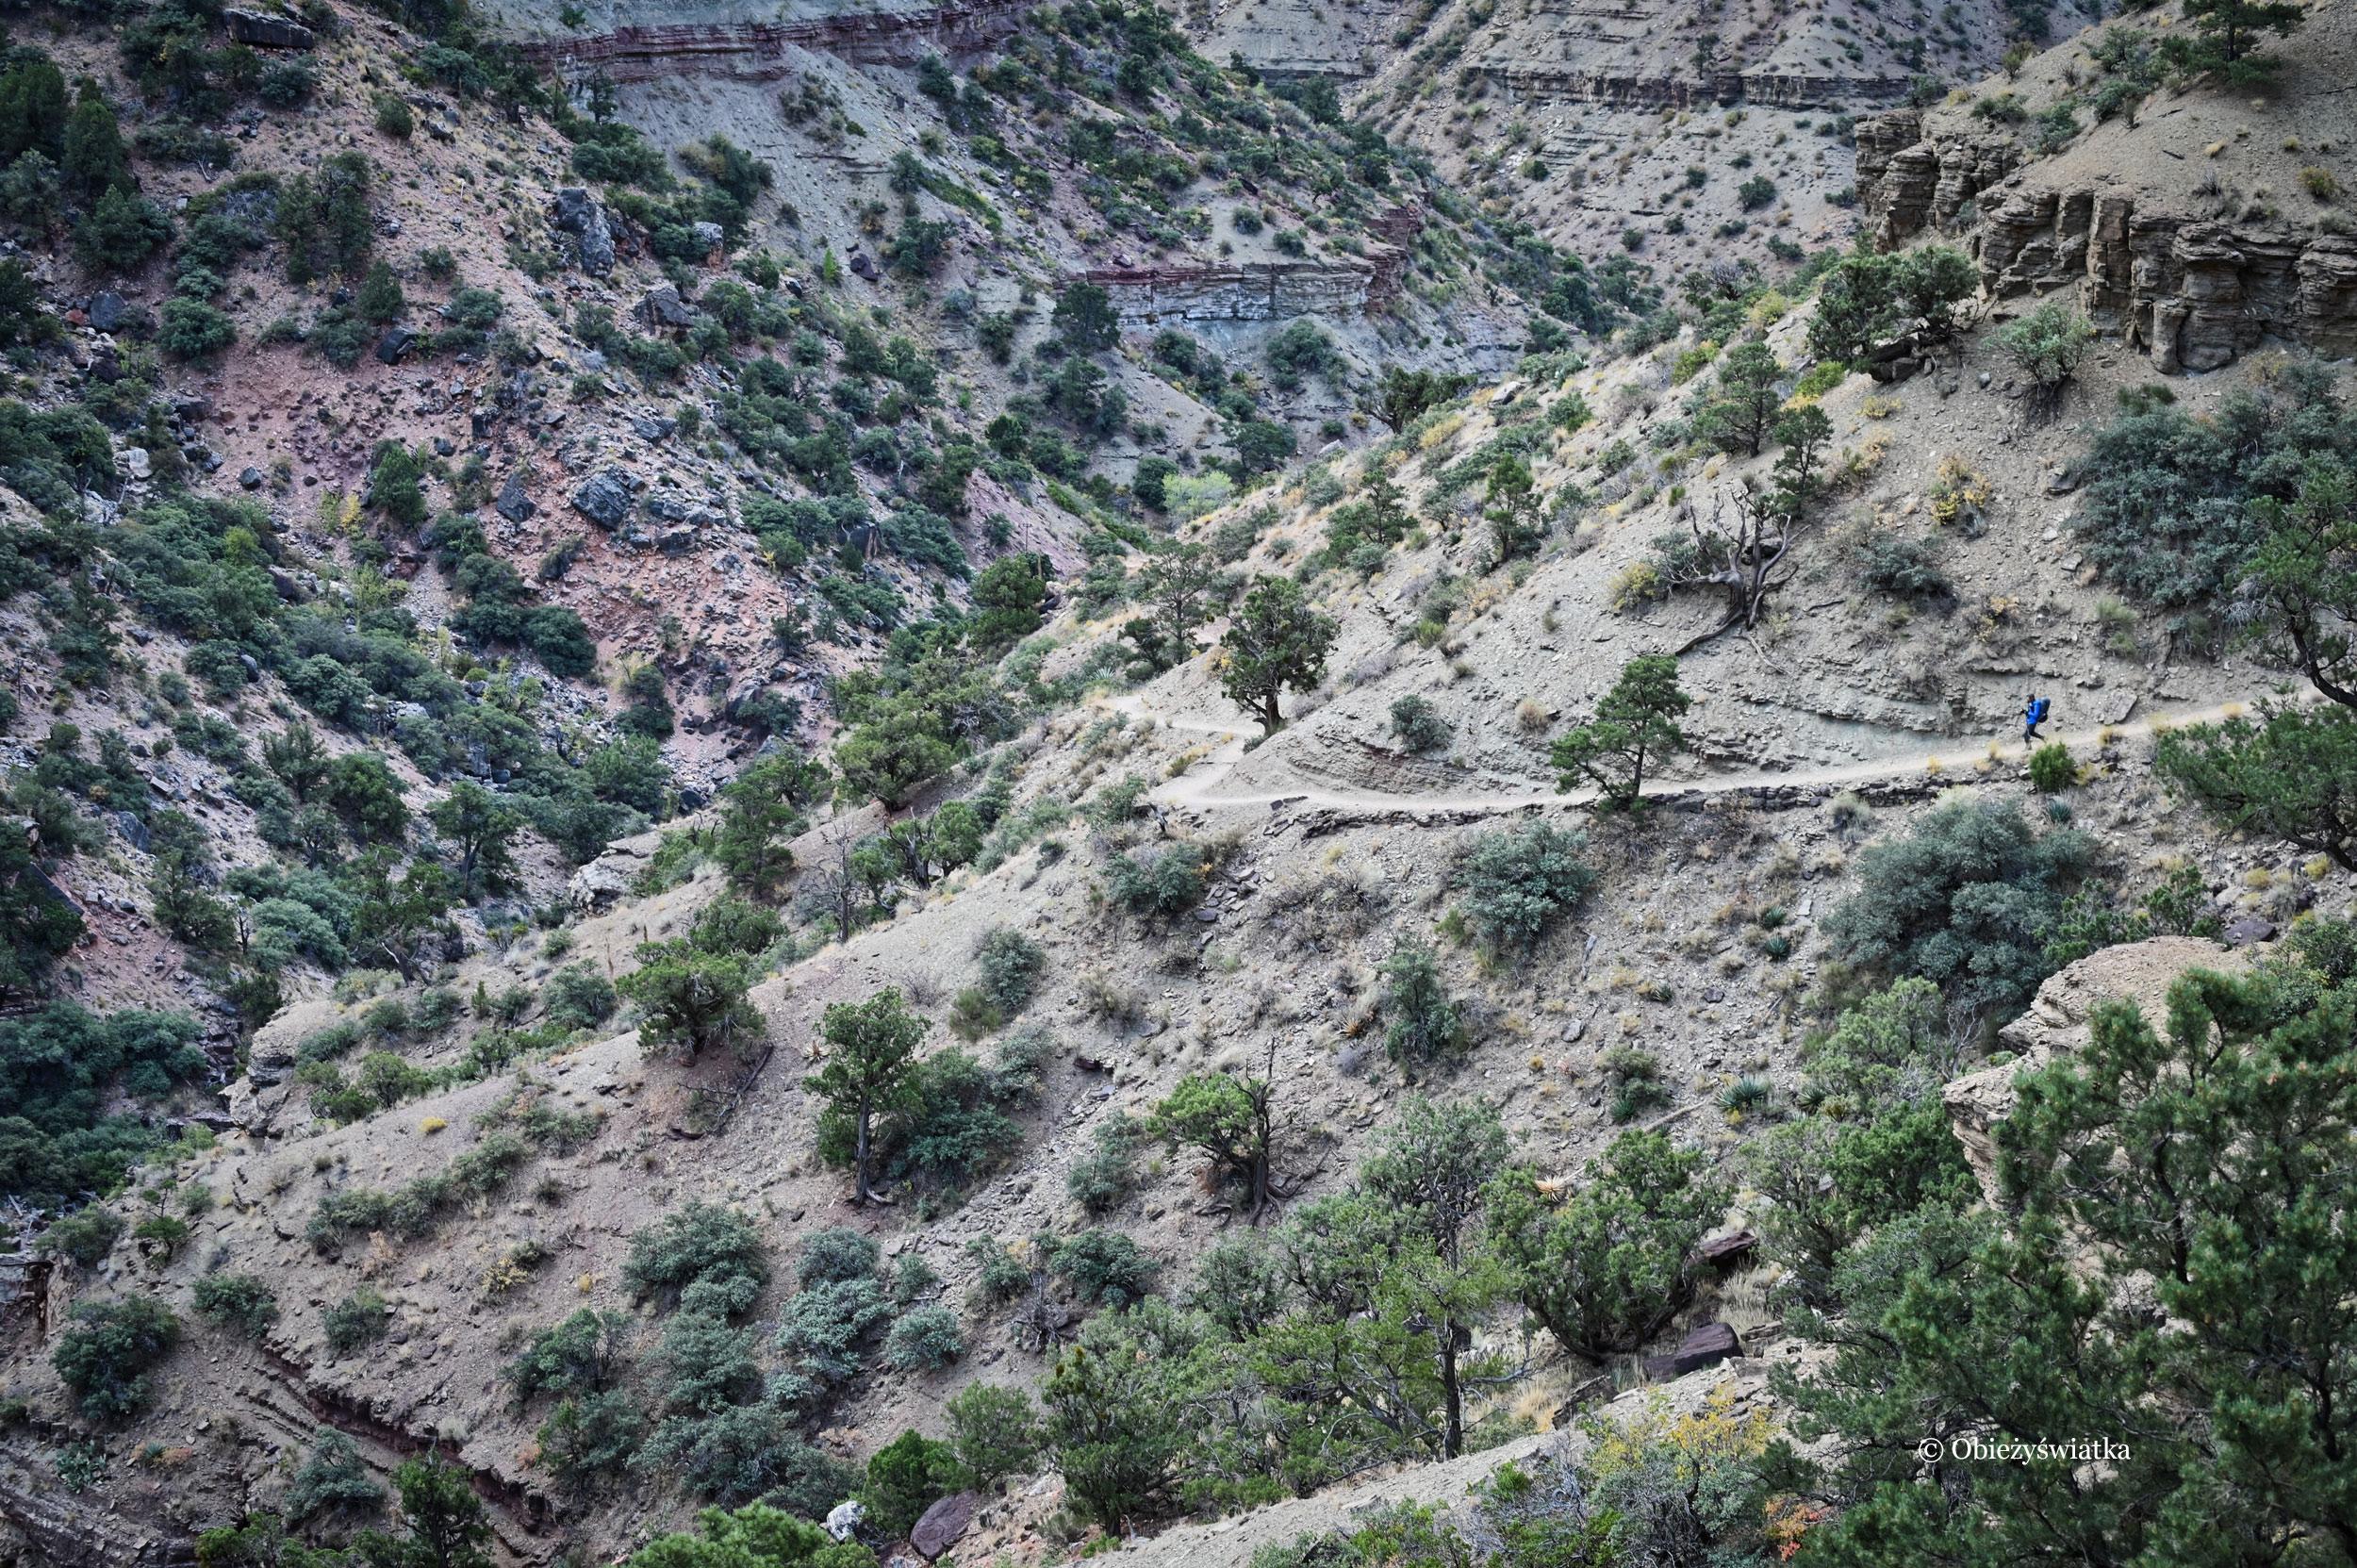 Wczesnym rankiem na szlaku North Kaibab Trail, zejście na dno Wielkiego Kanionu